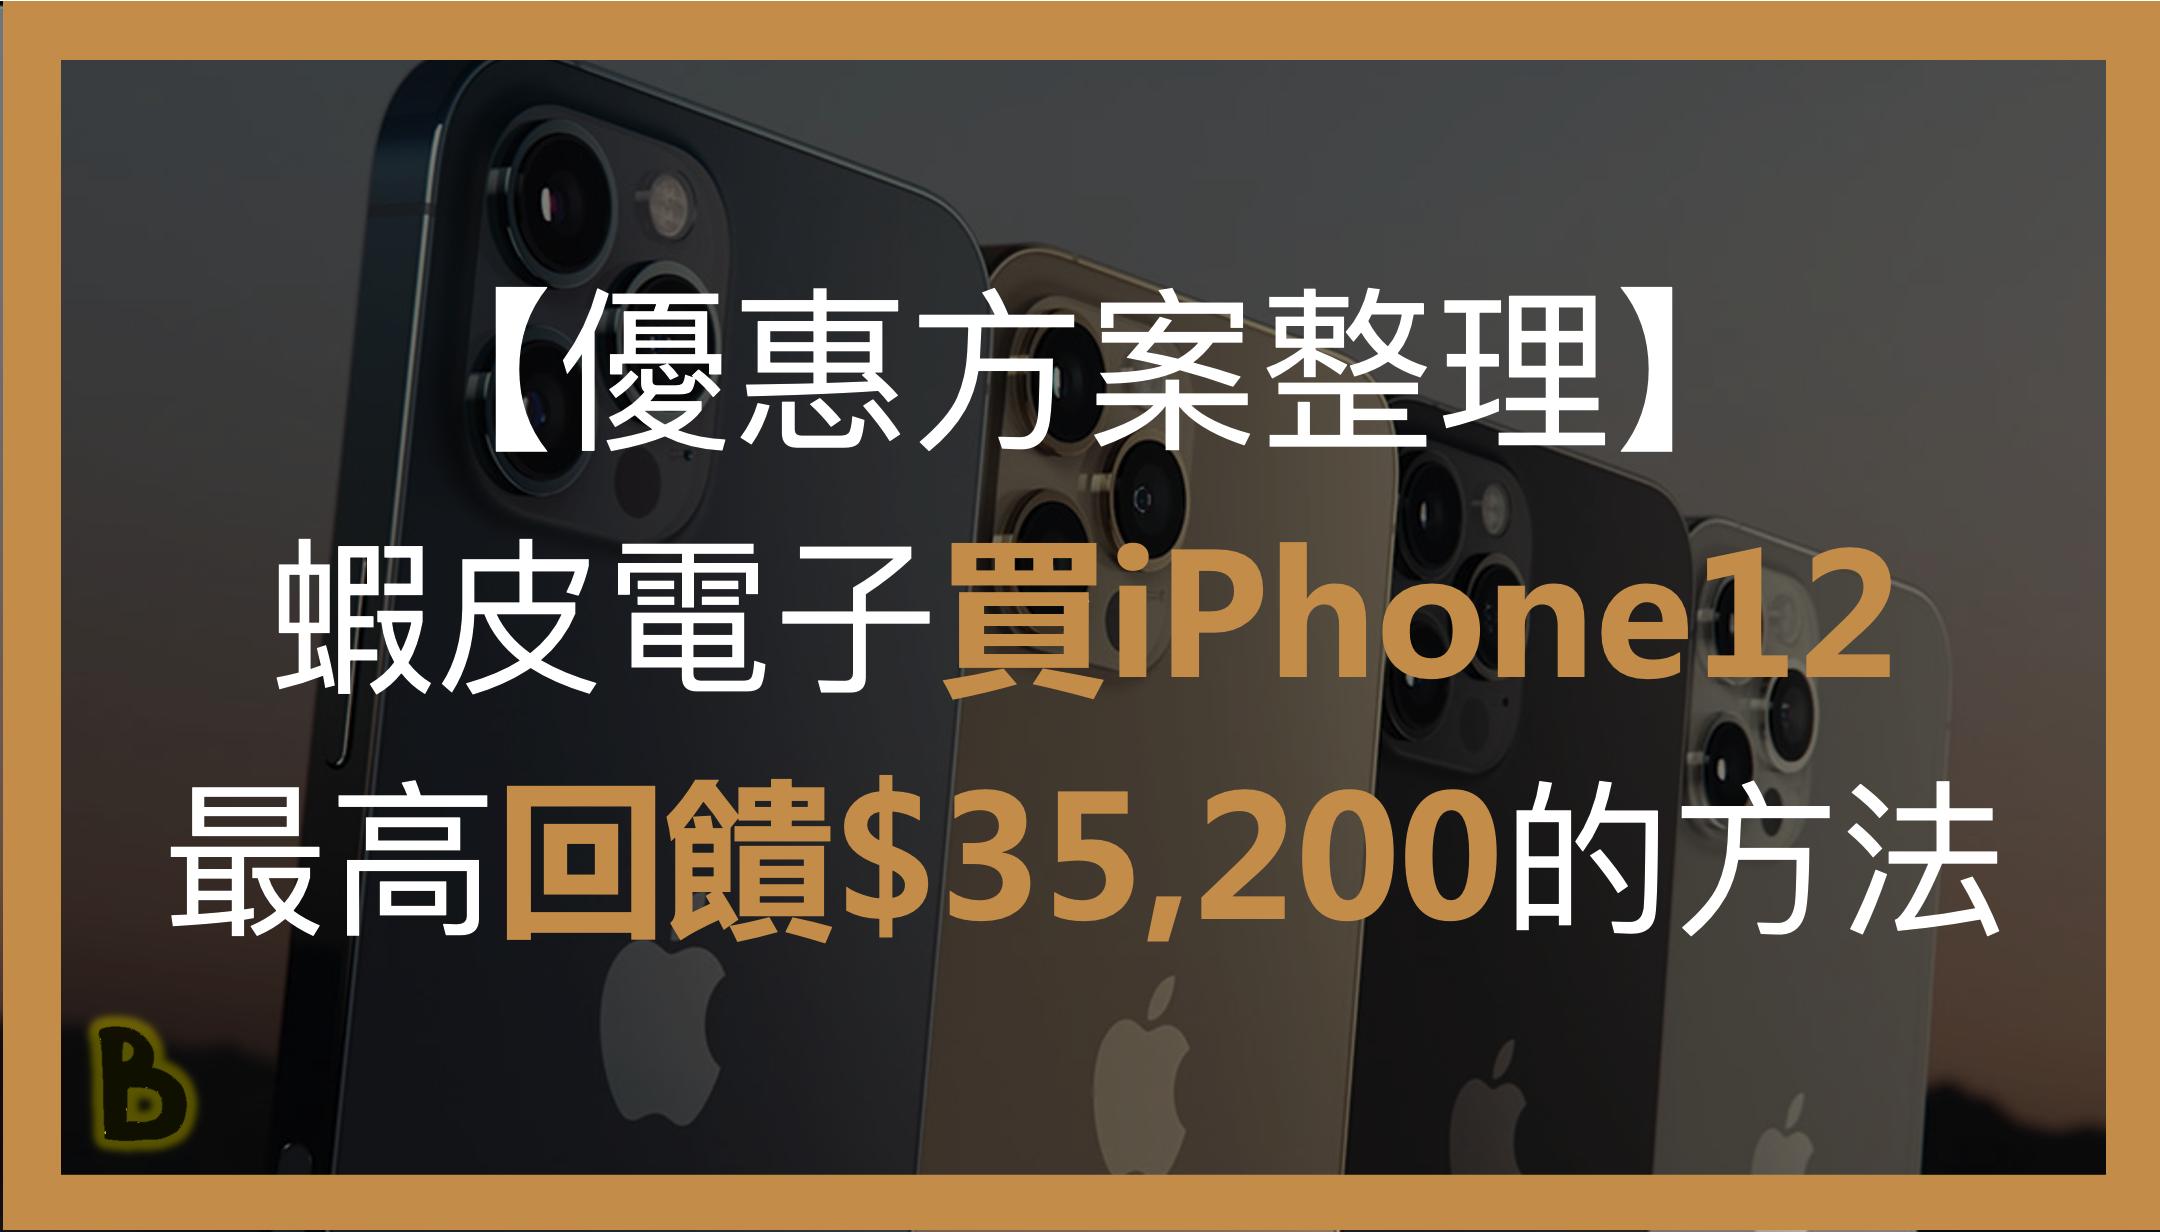 蝦皮電子 買iPhone12省錢攻略